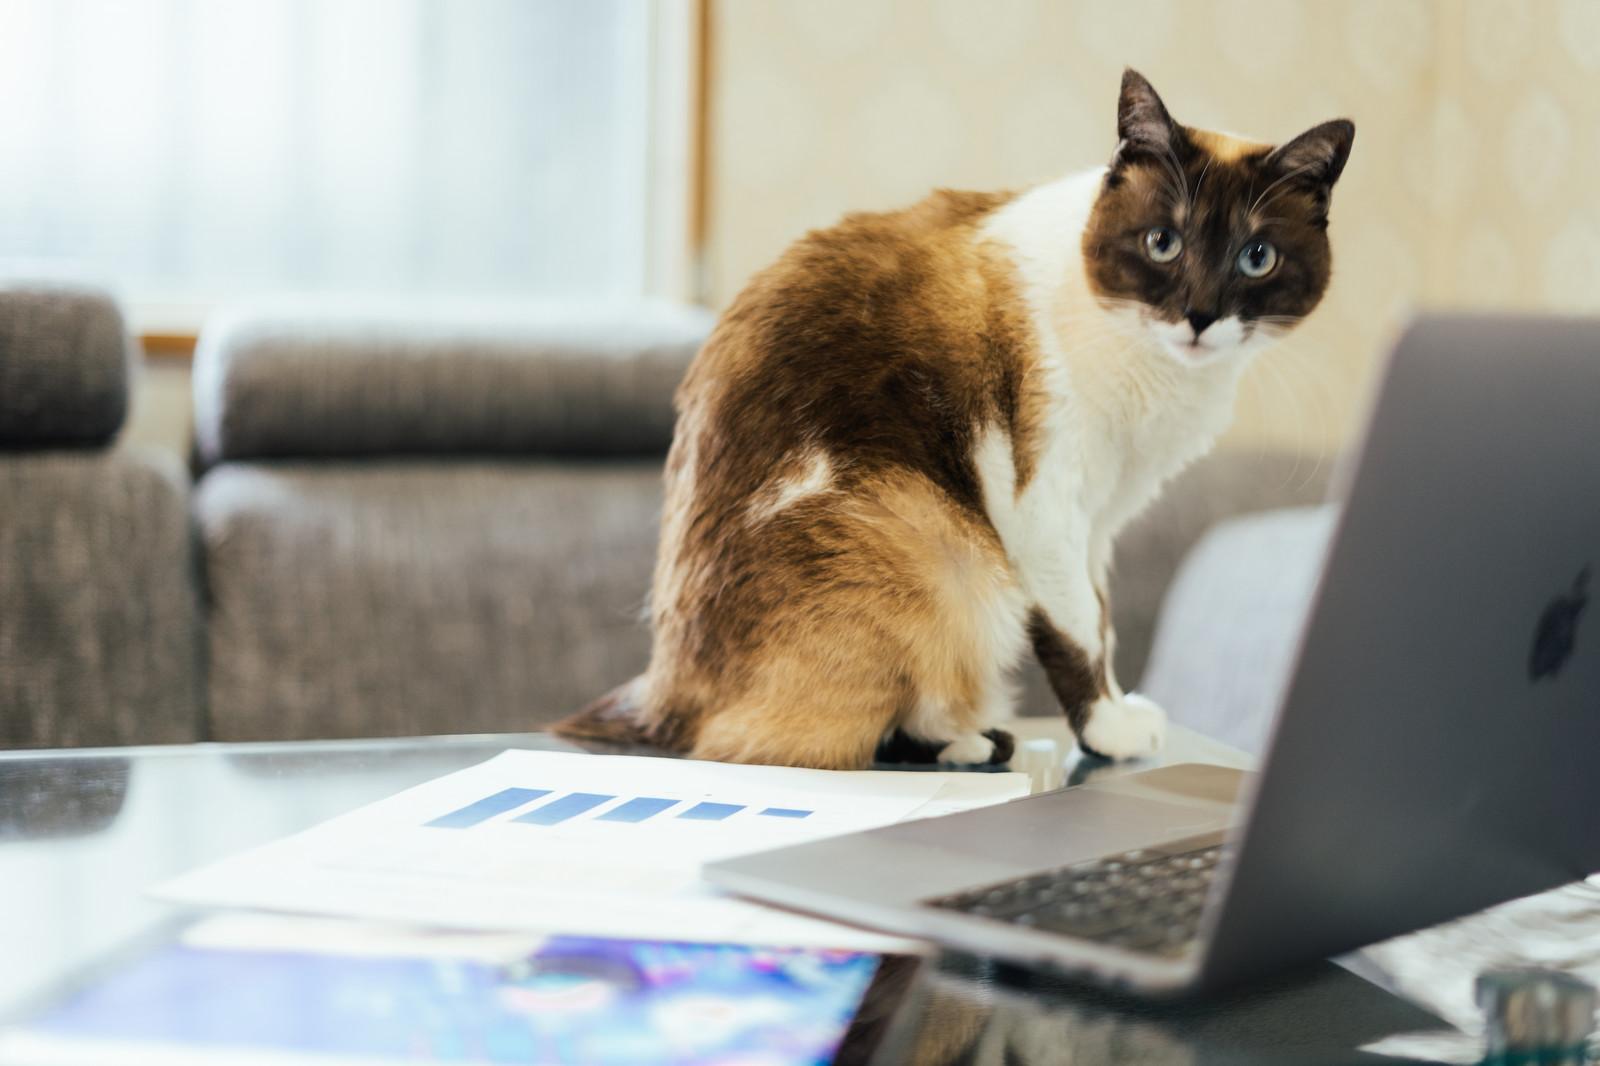 会社設立登記に必要な書類と流れを解説しますの画像1